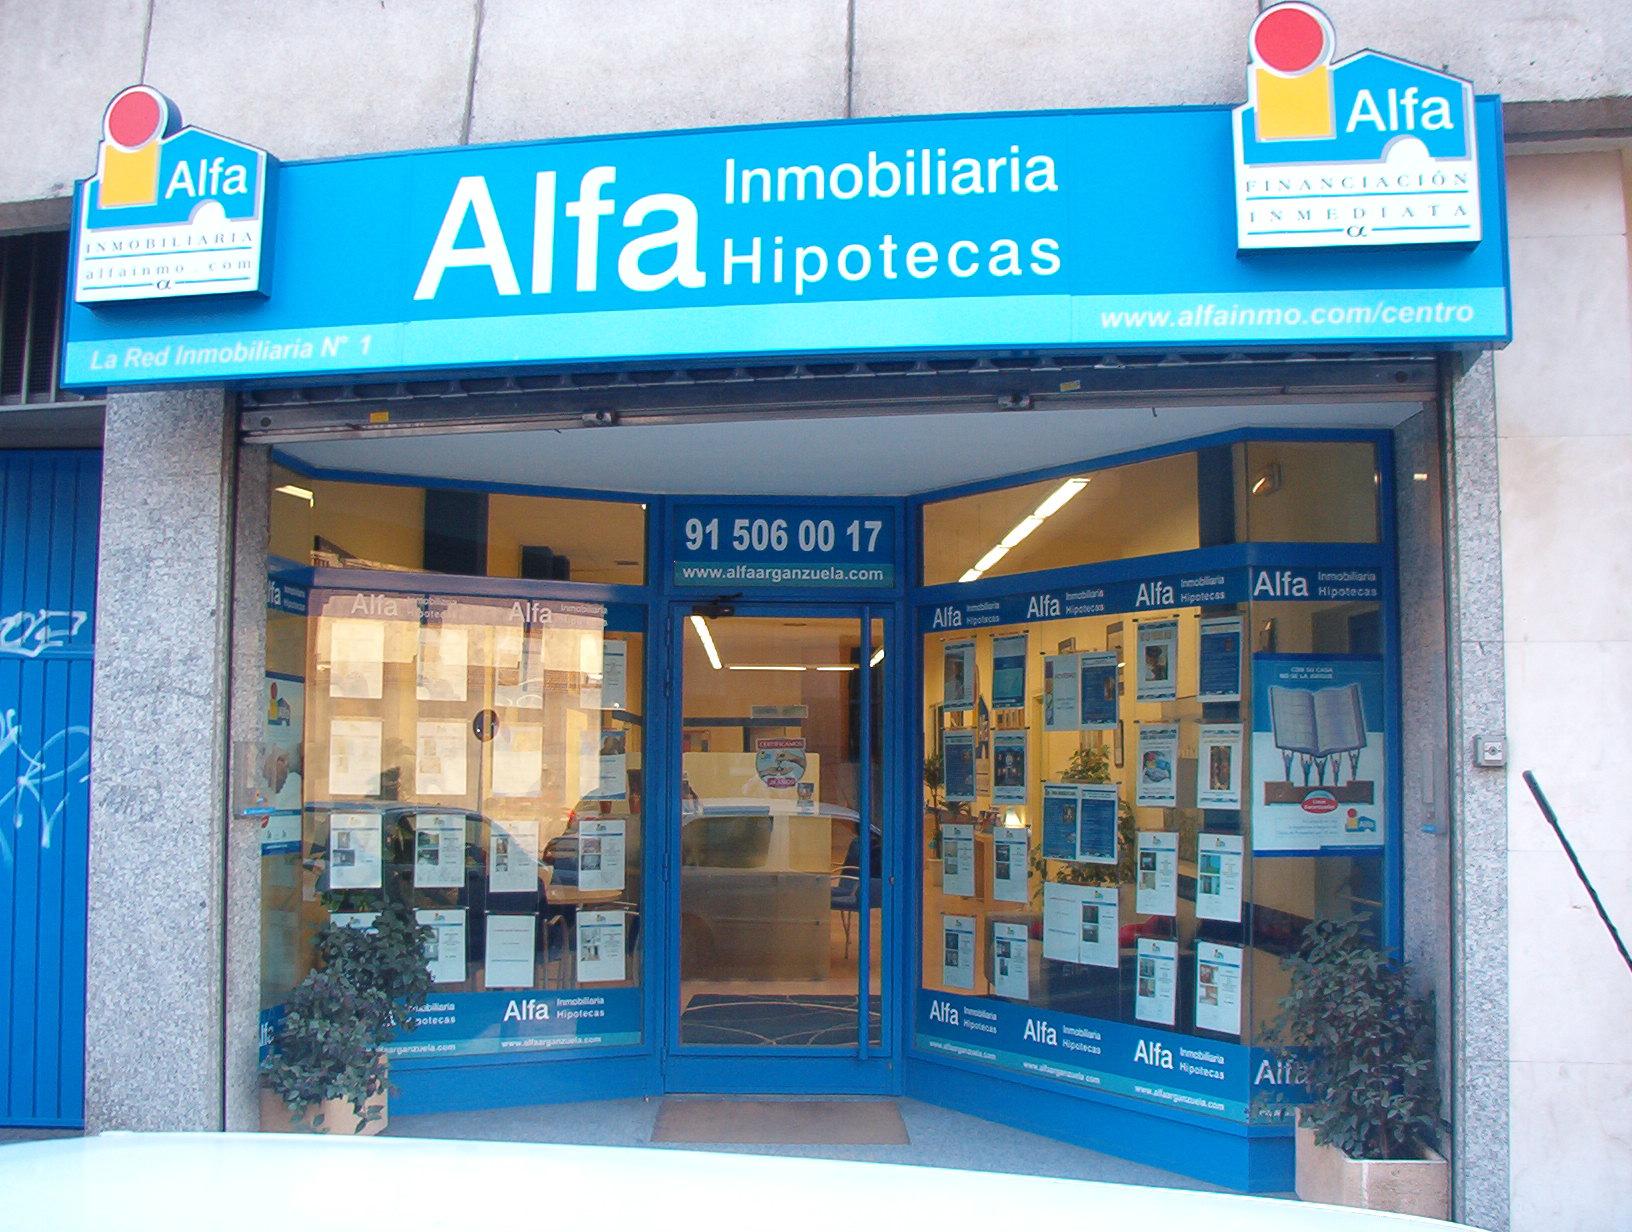 Oficina de archivo de Alfa inmobiliaria